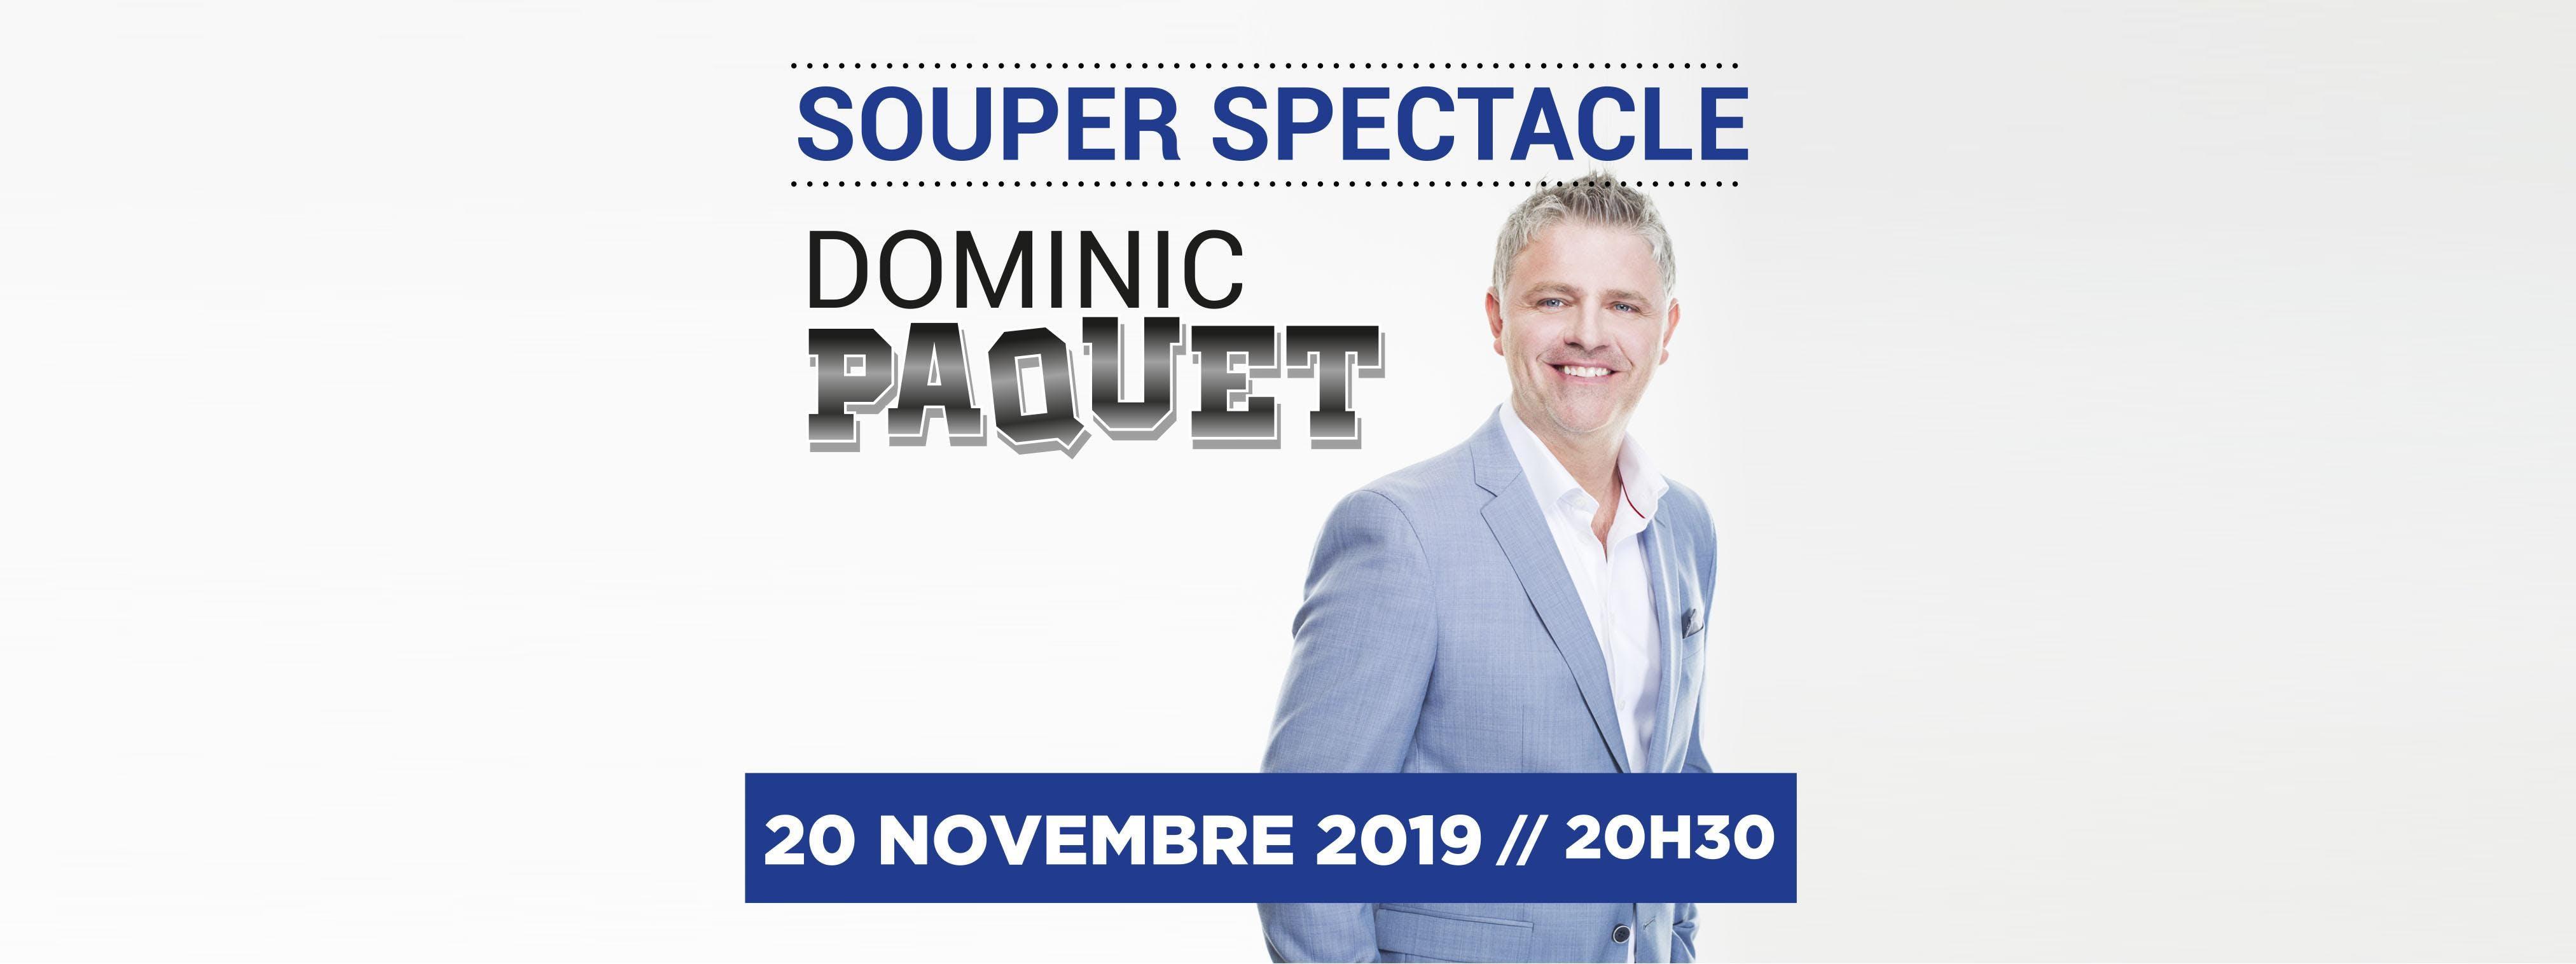 Souper Spectacle avec Dominic Paquet